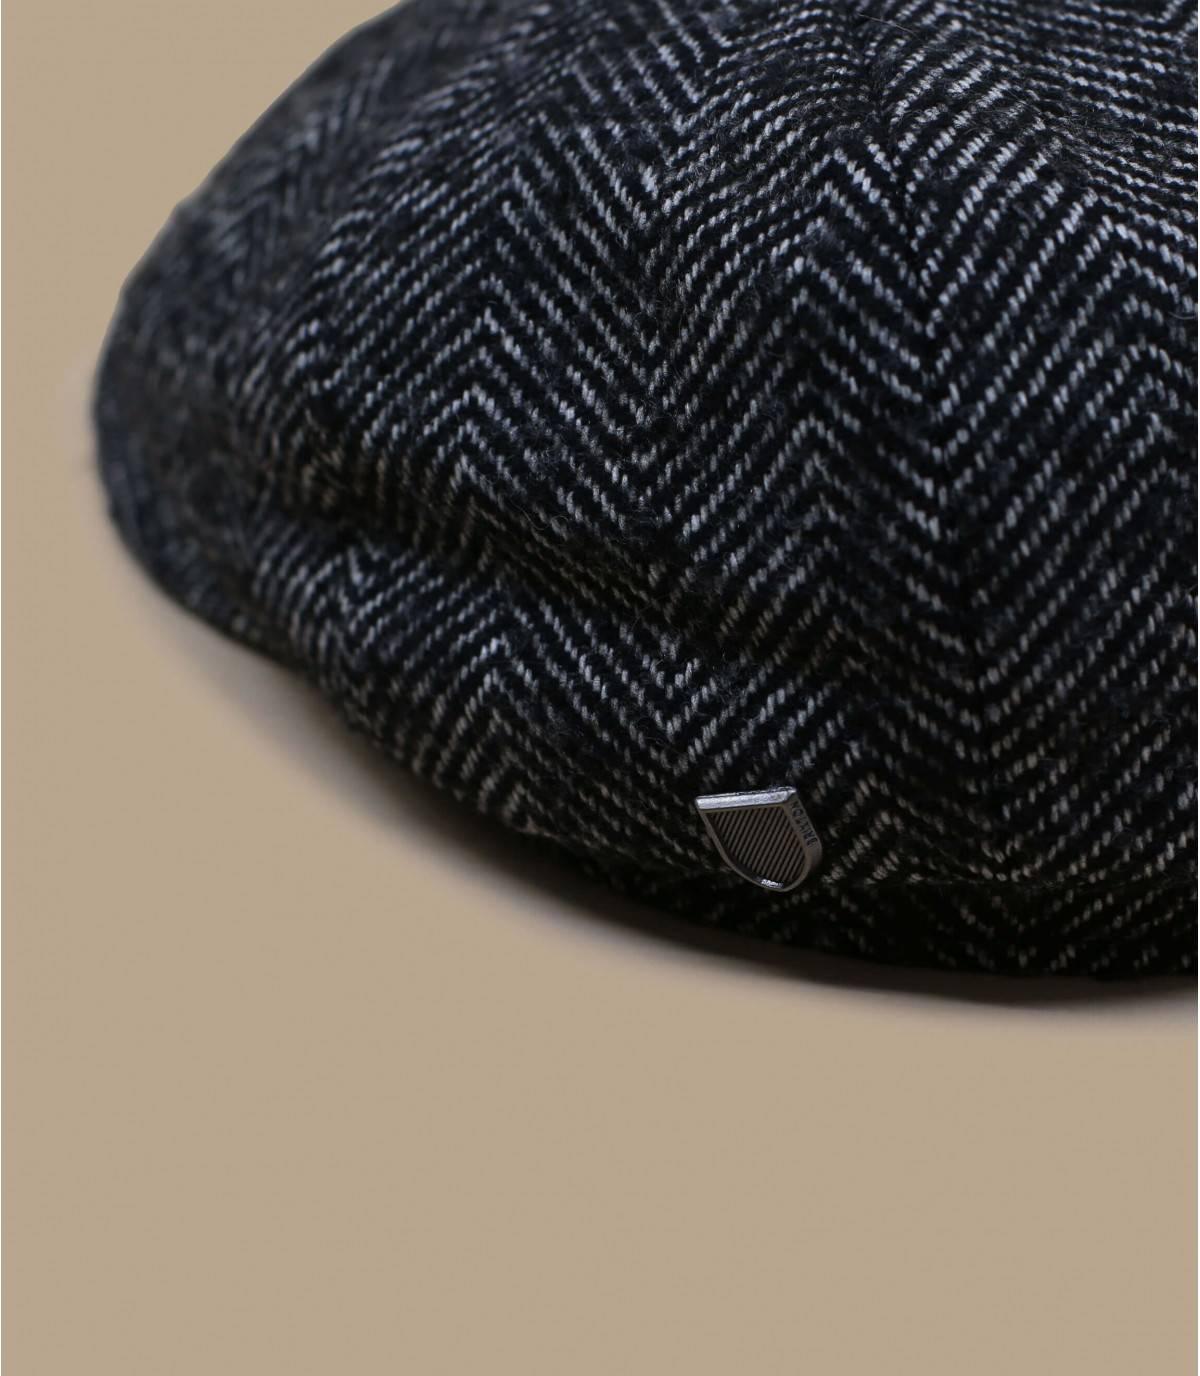 heather grey newsboy cap